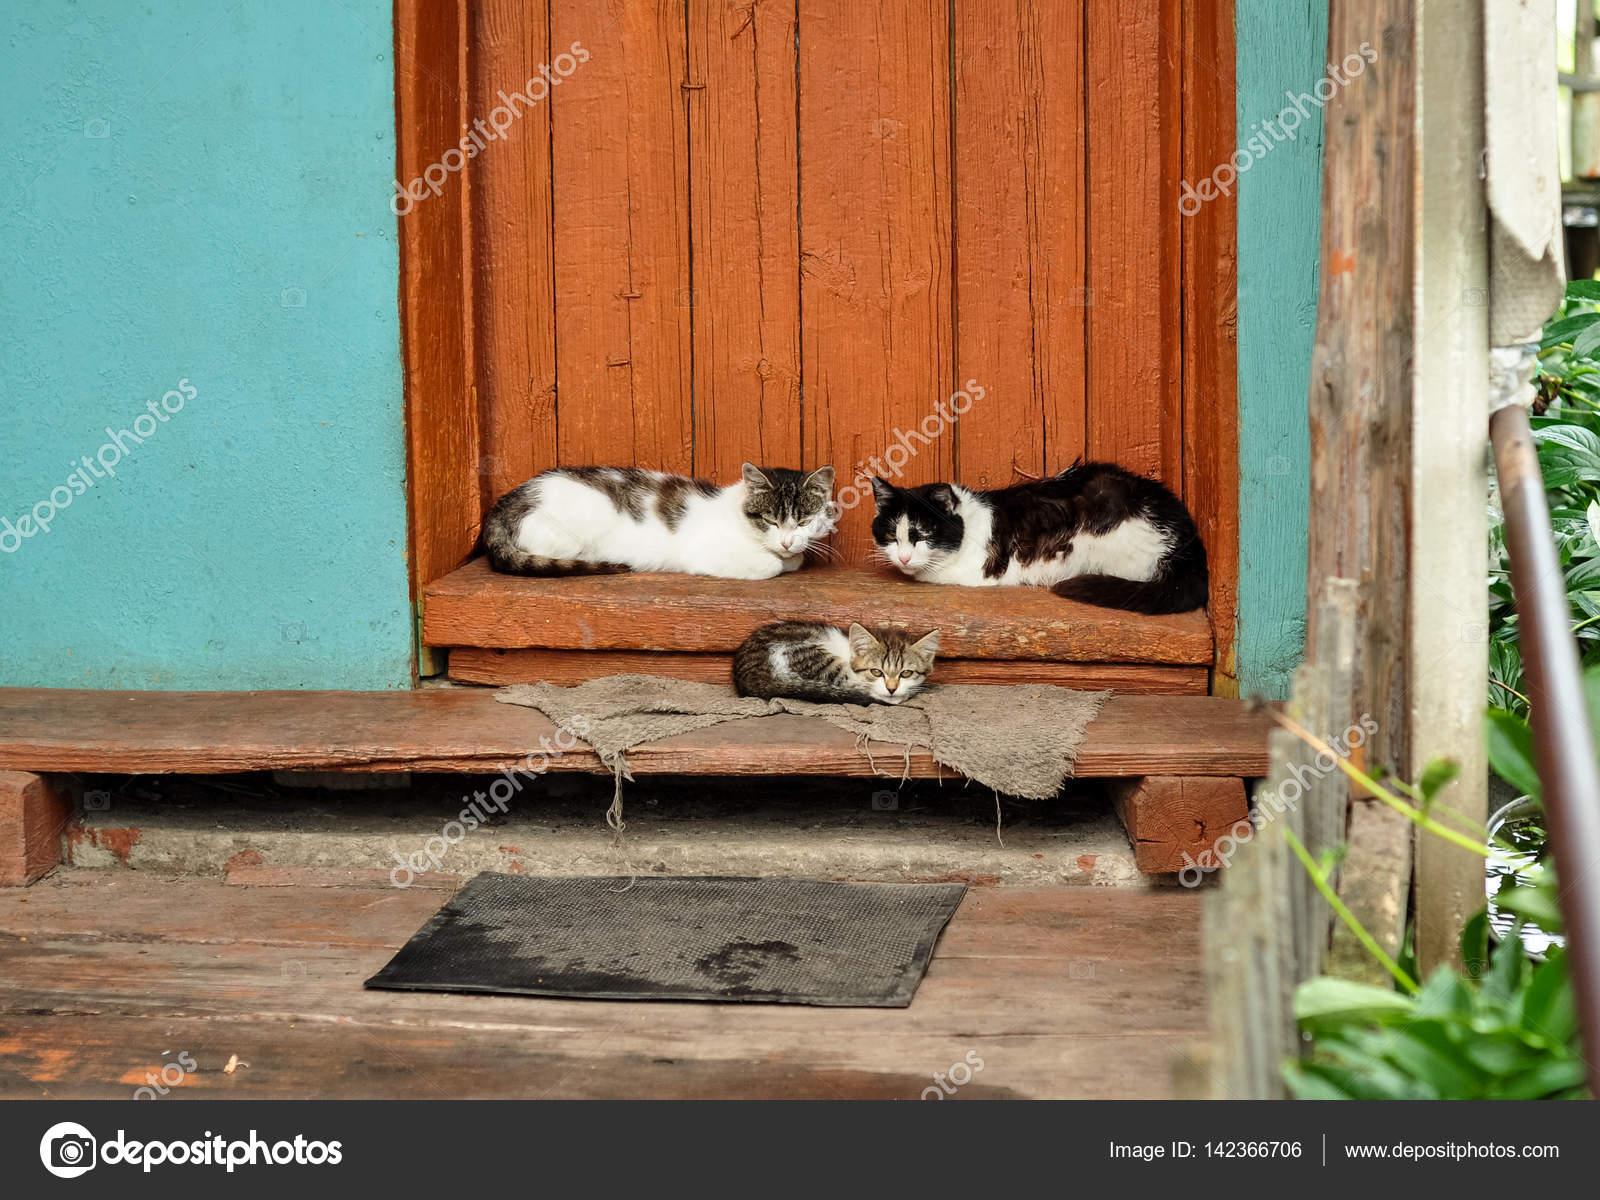 0099afd018f8 Χαριτωμένα γάτες βρίσκονται στη βεράντα του εξοχική κατοικία. Εξοχή σκηνή.  Ζωή στο χωριό —